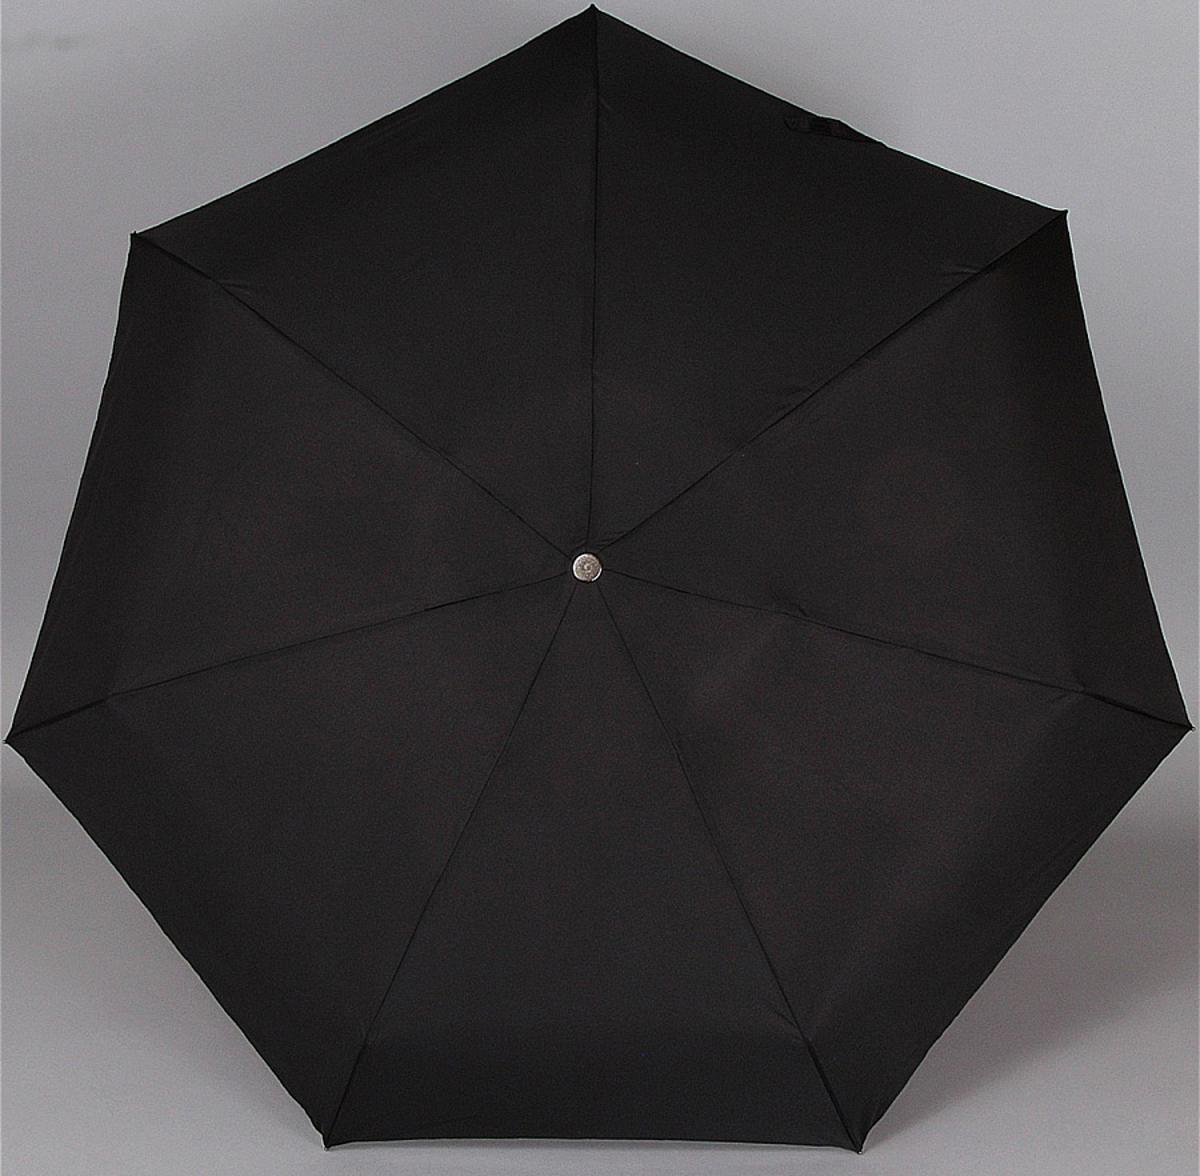 Зонт Trust, Trust зонт trust 42372 76 женский полный автомат